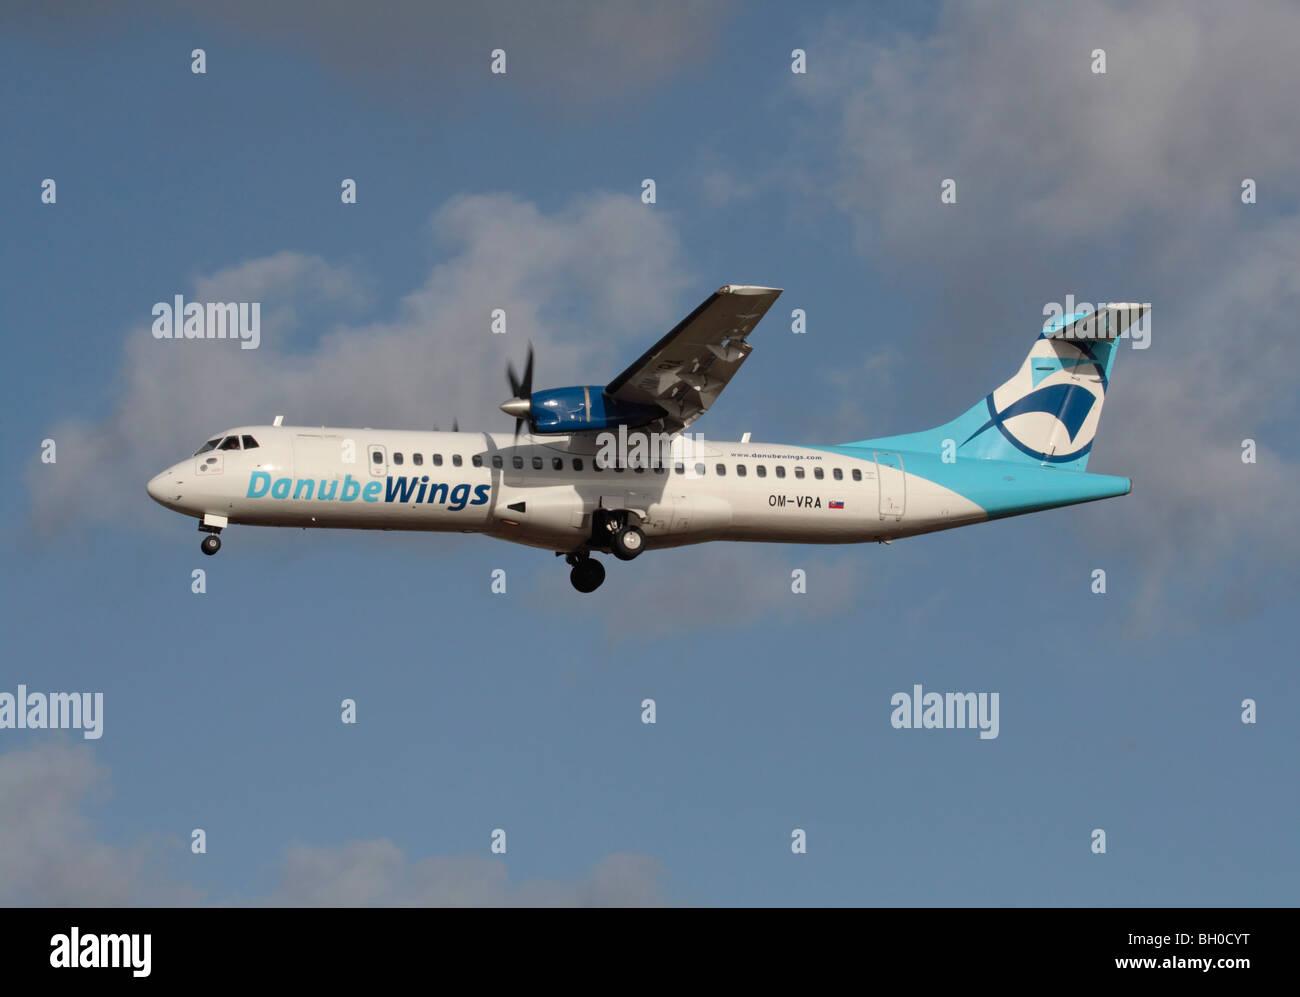 Danube Wings ATR 72 turboprop regional airliner in flight. Short haul civil aviation. - Stock Image